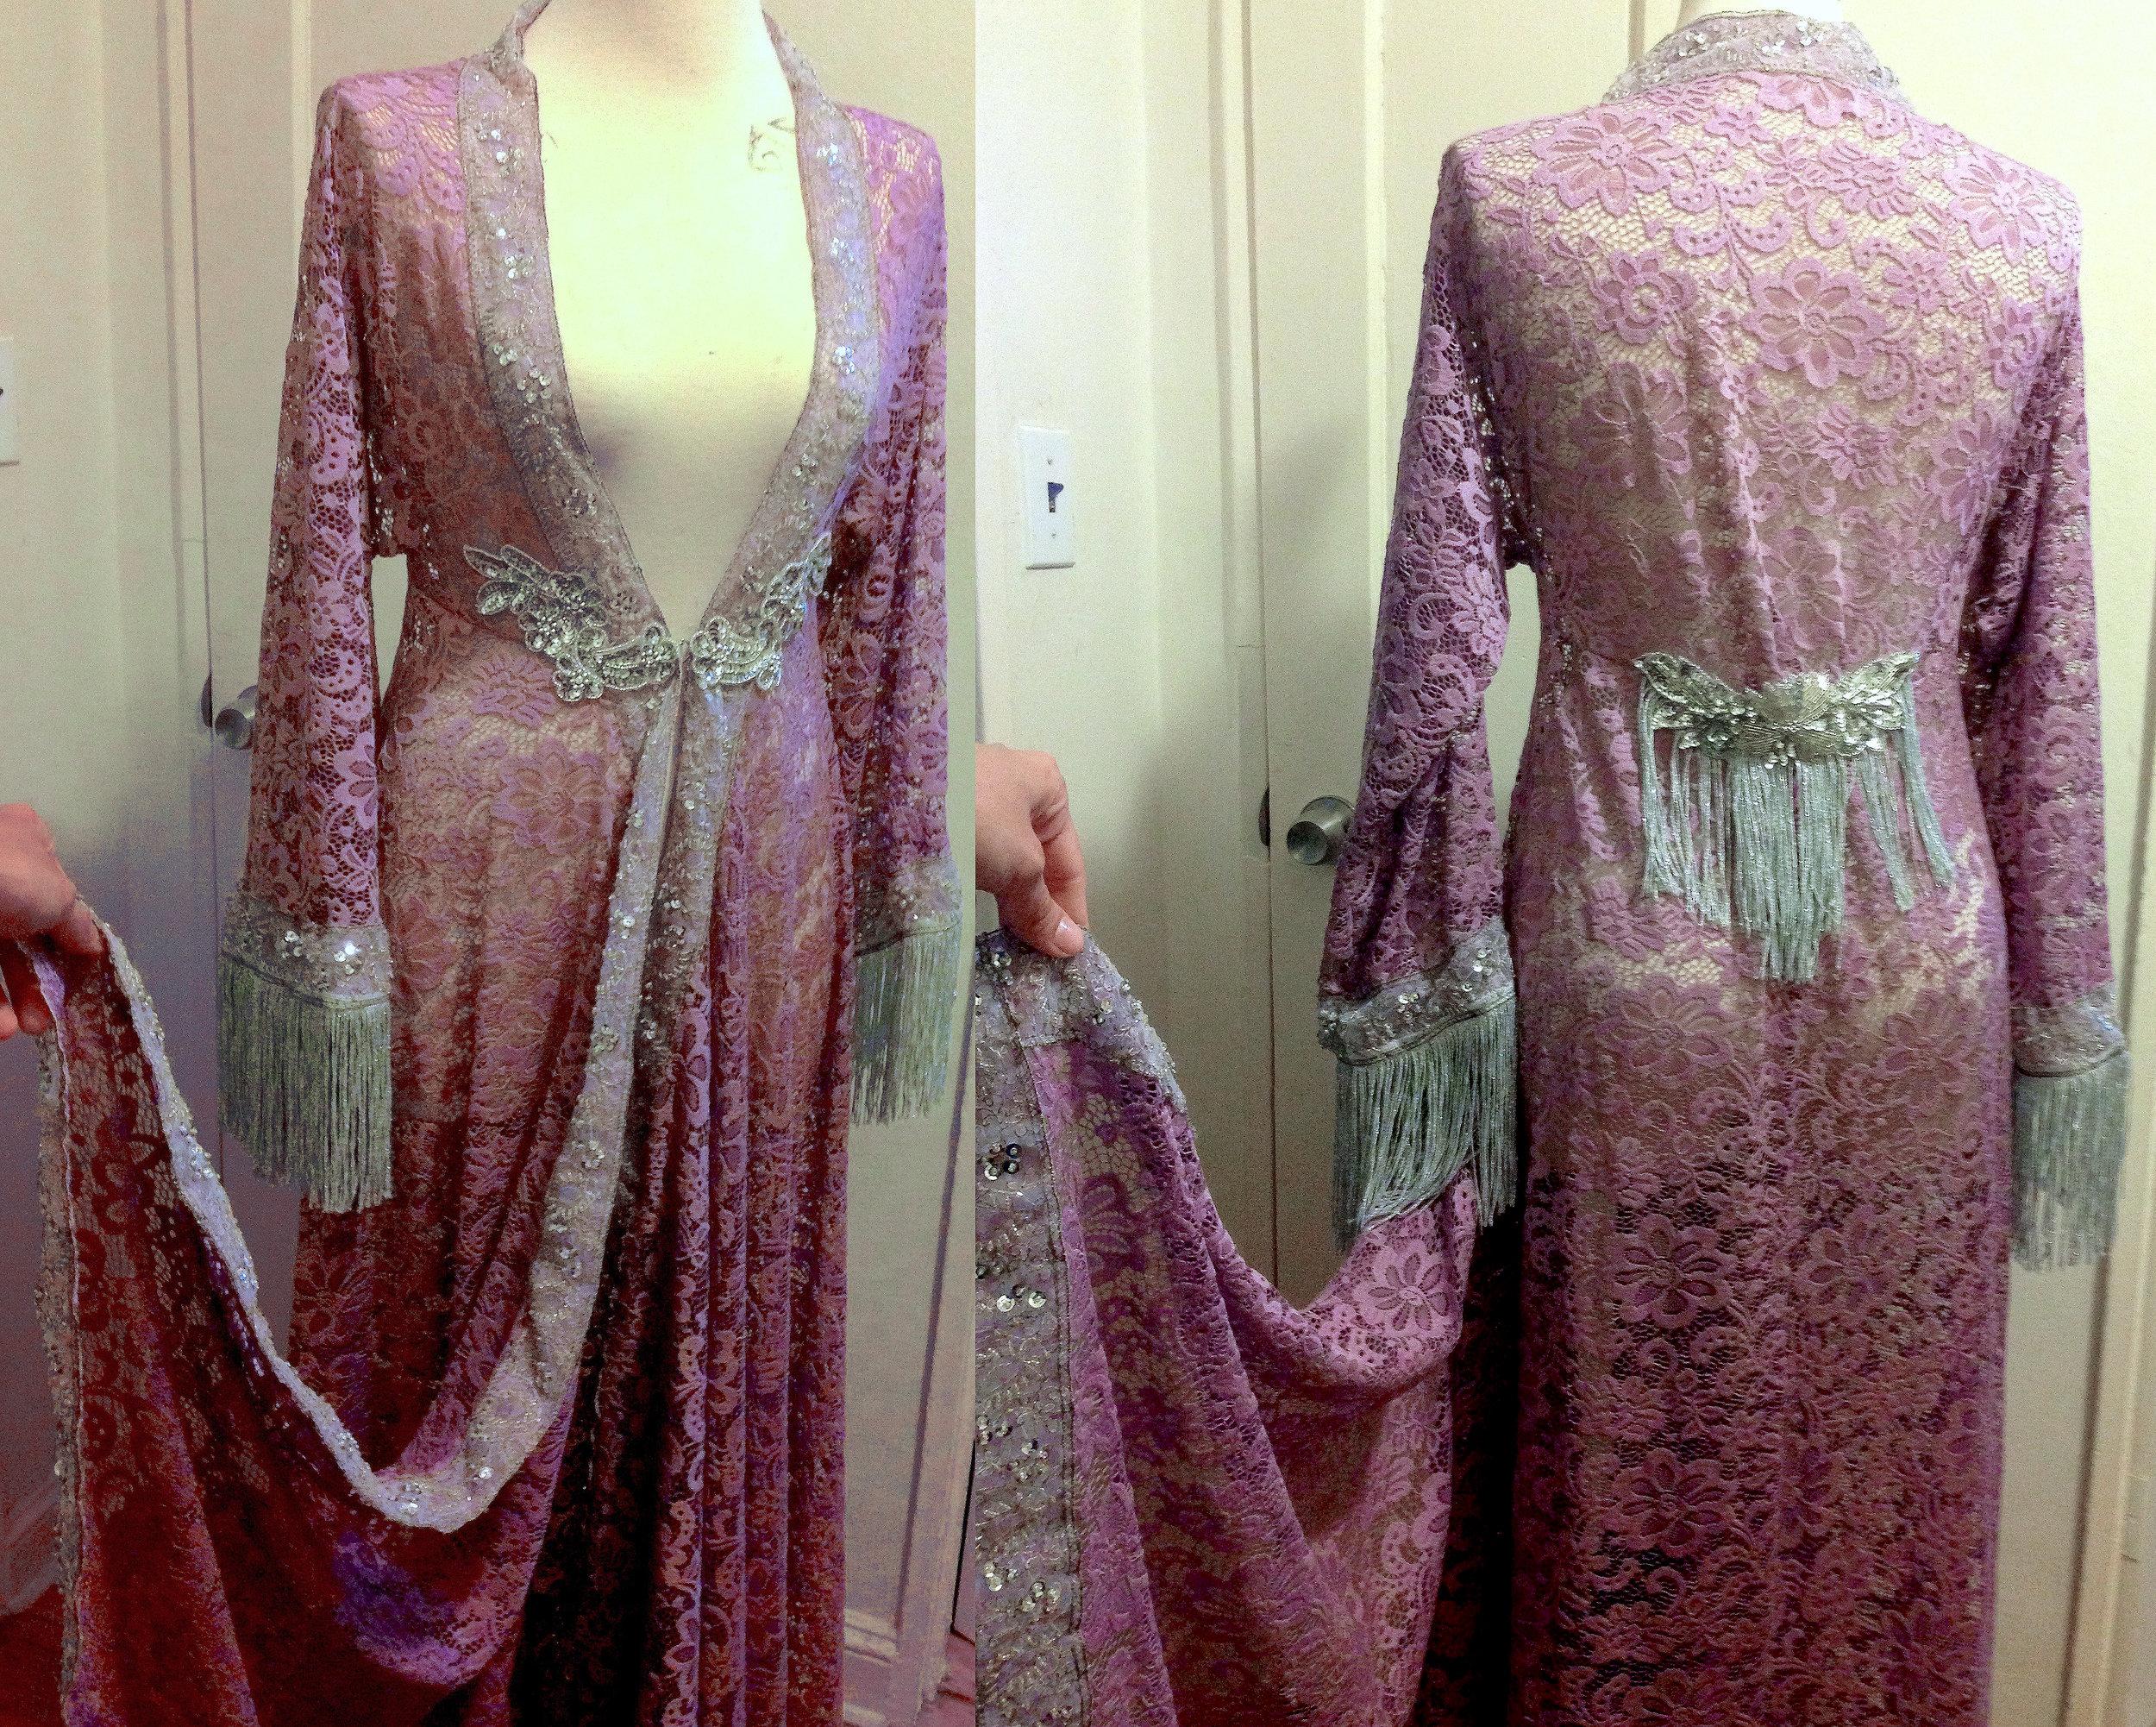 Custom lace fringed robe